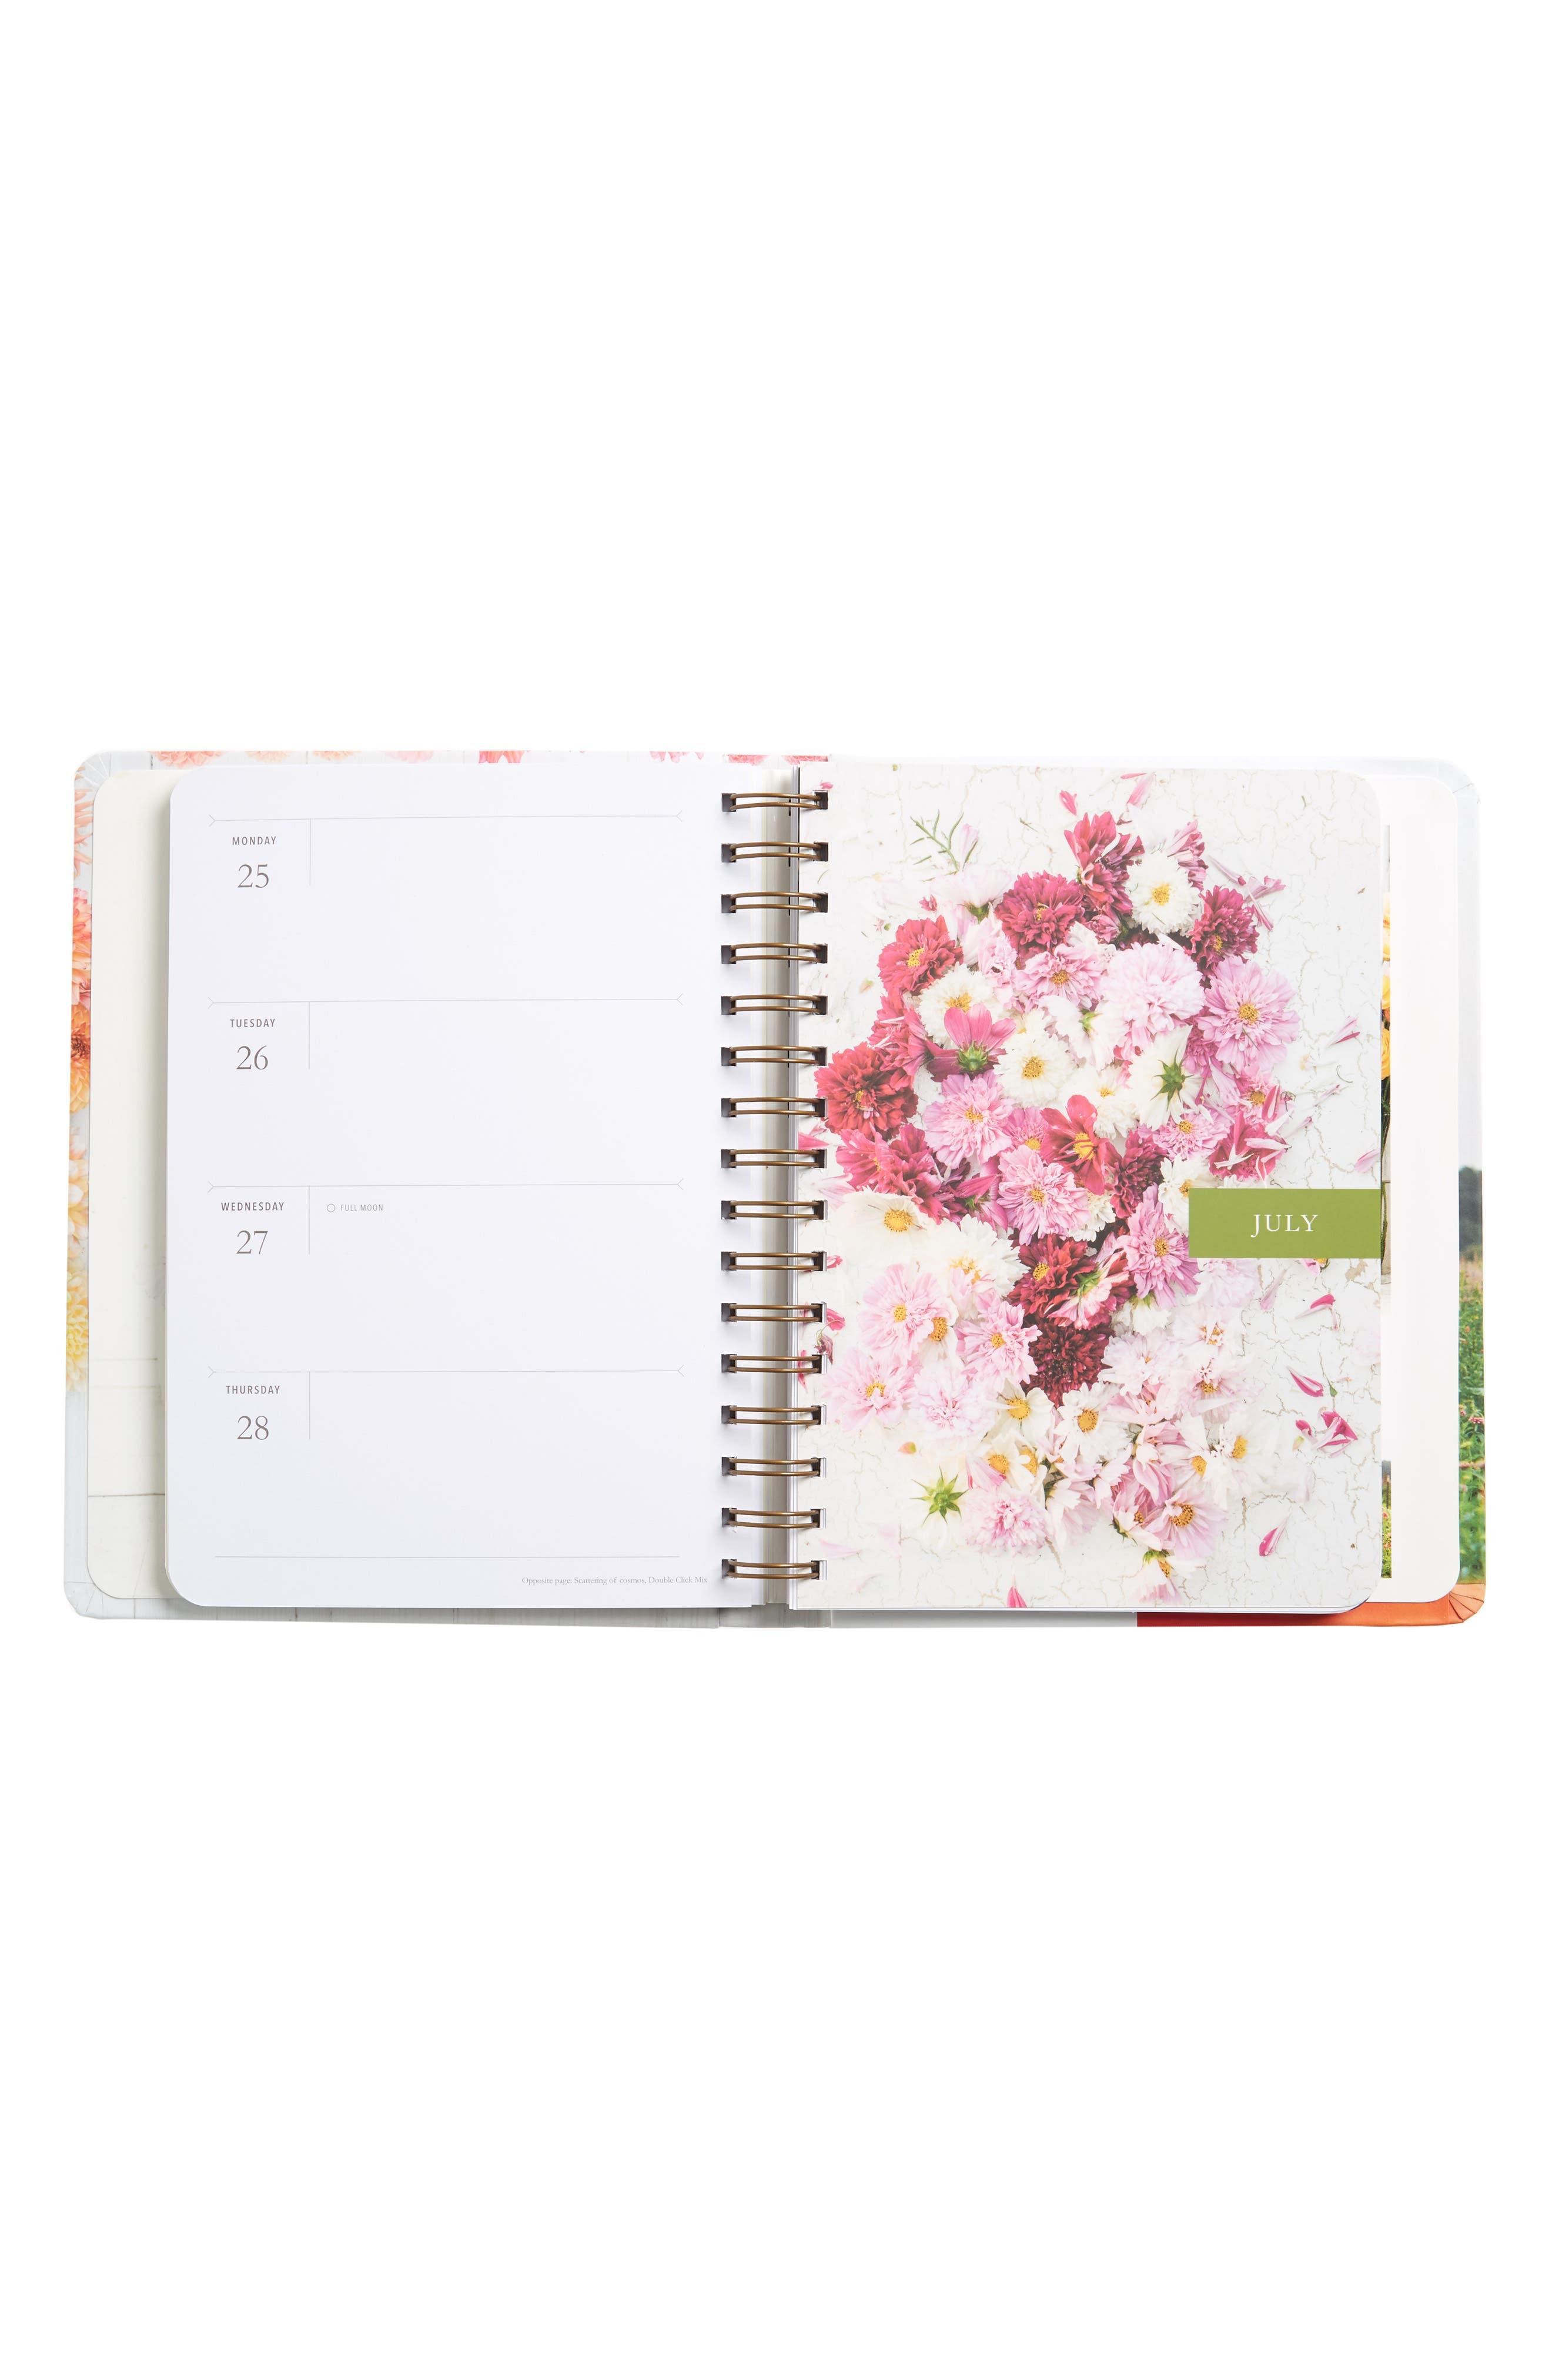 Floret Farms Cut Flower Garden 2018 Daily Planner,                             Alternate thumbnail 2, color,                             Pink